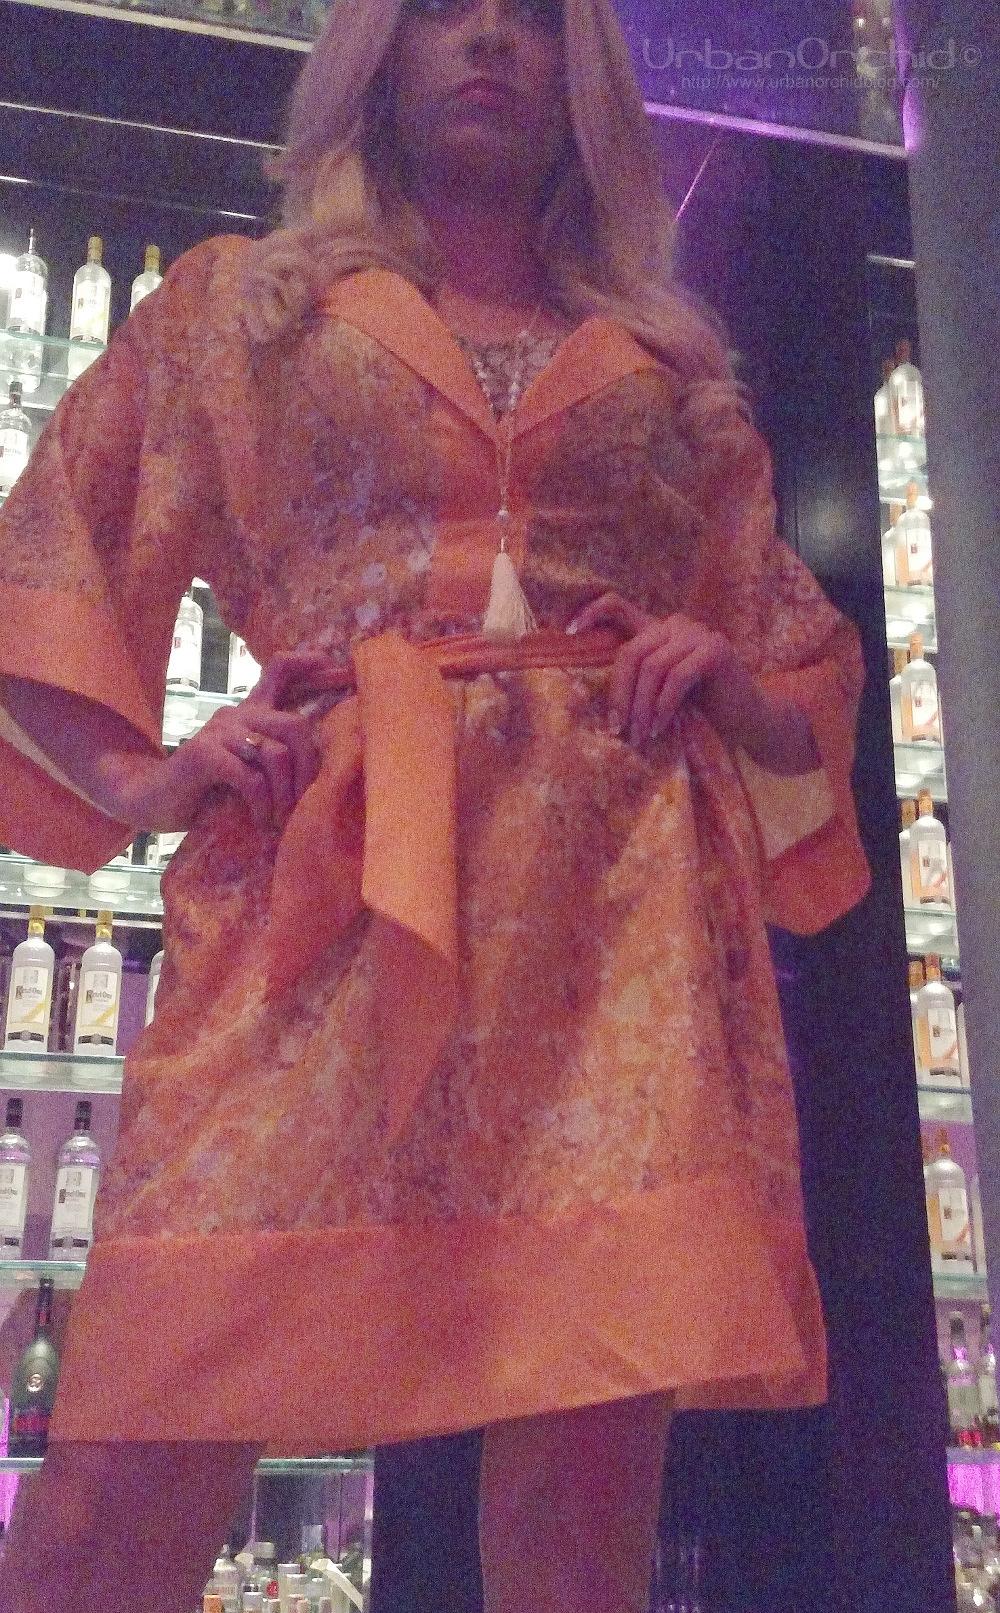 Kaftan by Misha No Noo, necklace by Valerie Carpender